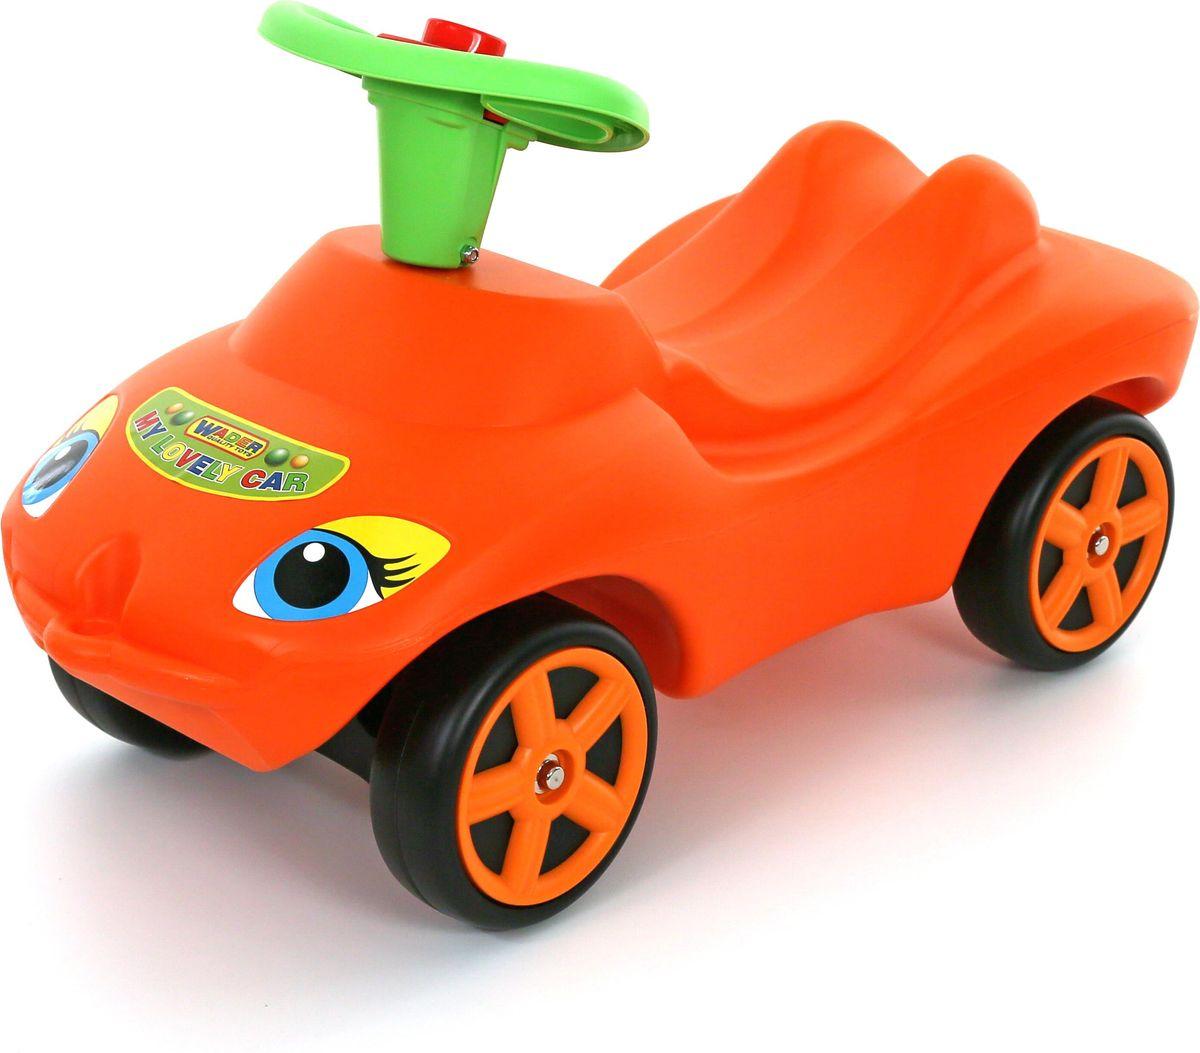 Полесье Каталка Мой любимый автомобиль цвет оранжевый 44600 звонок uniel udb 005w r1t1 32s 100m ls